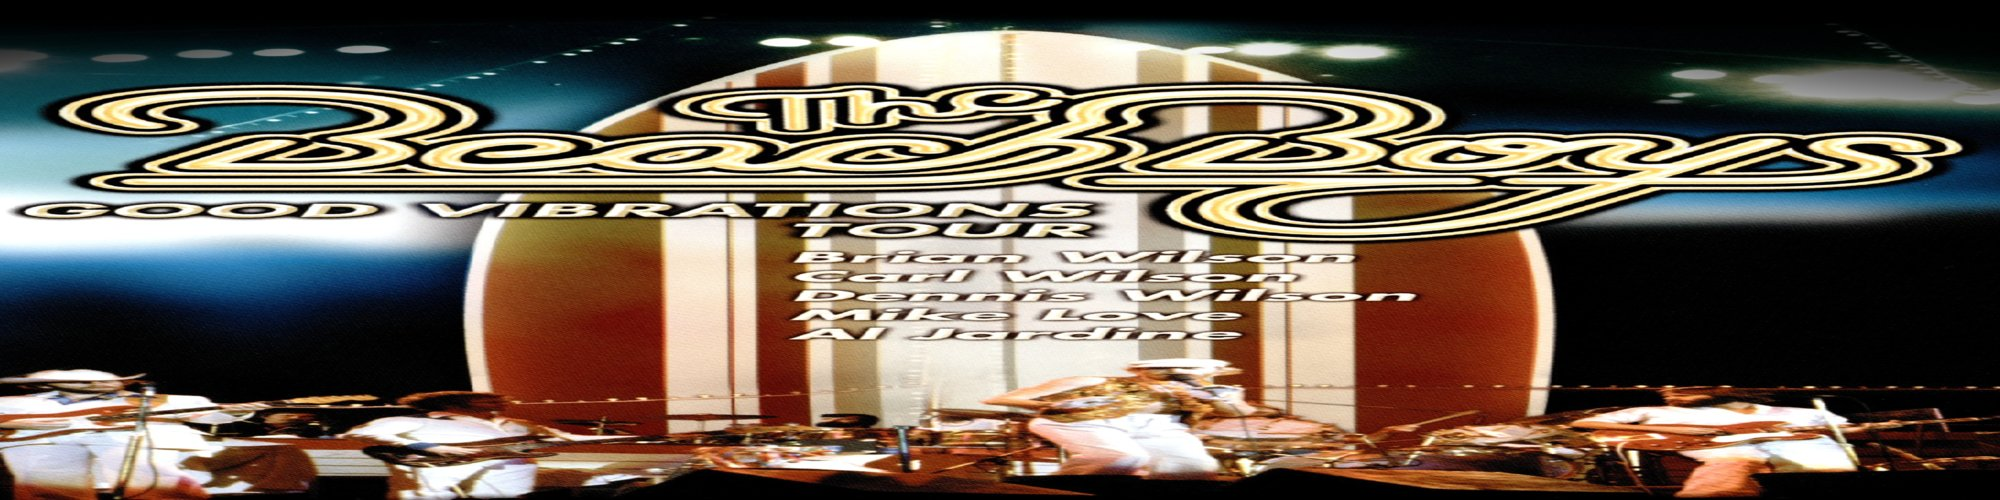 Beach Boys: Good Vibrations